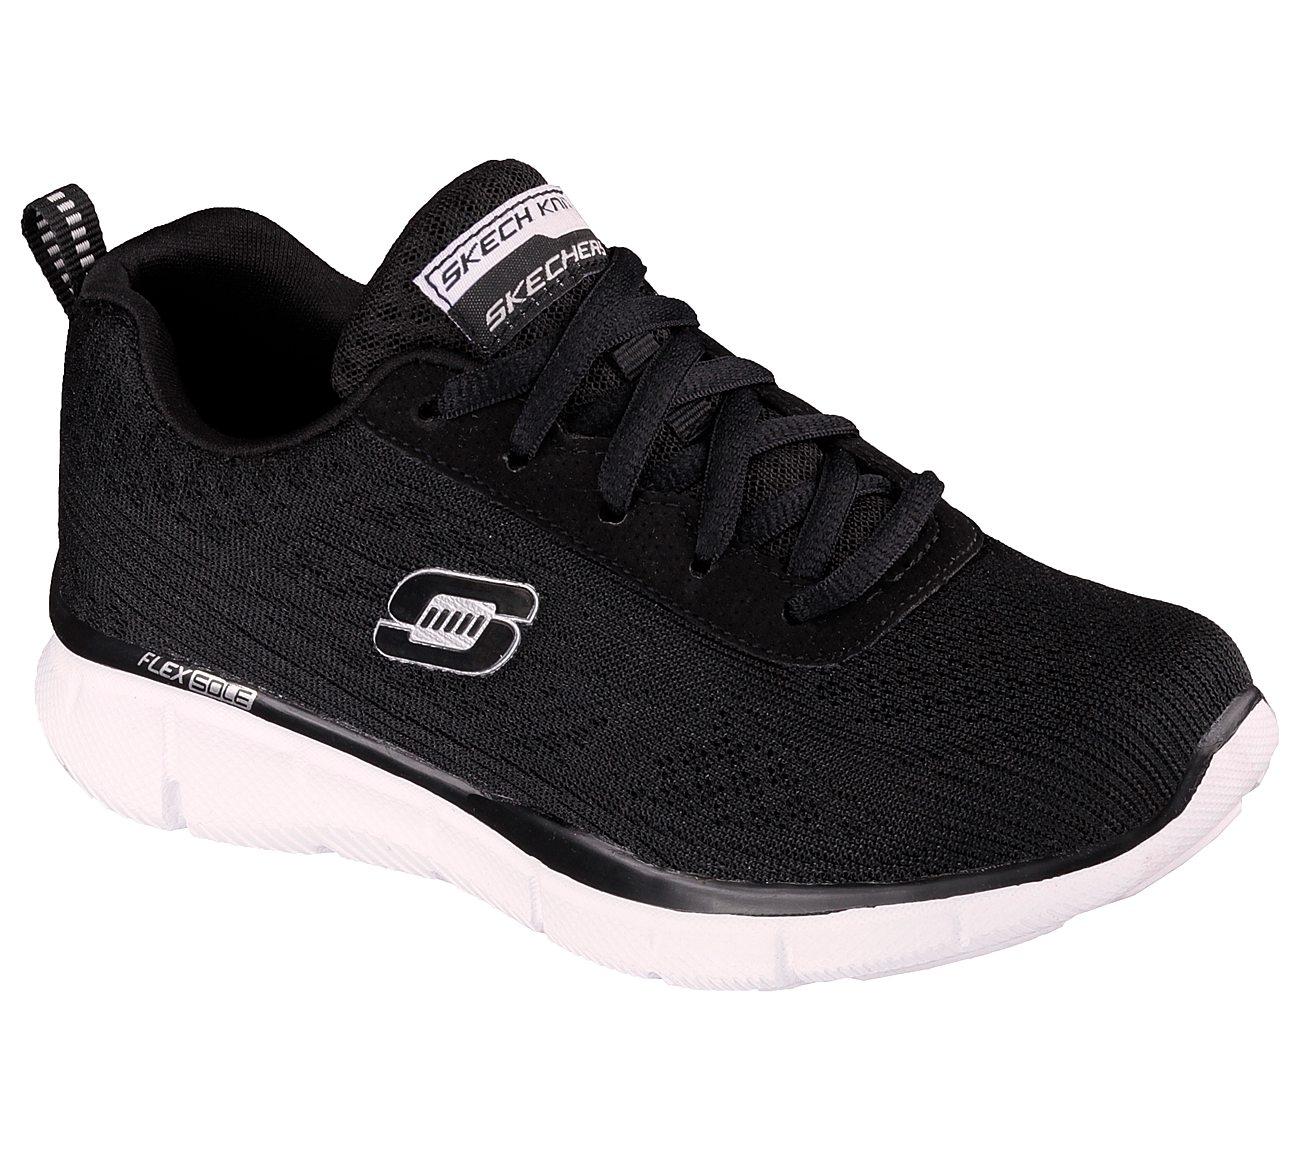 Quick Reaction SKECHERS Sport Shoes